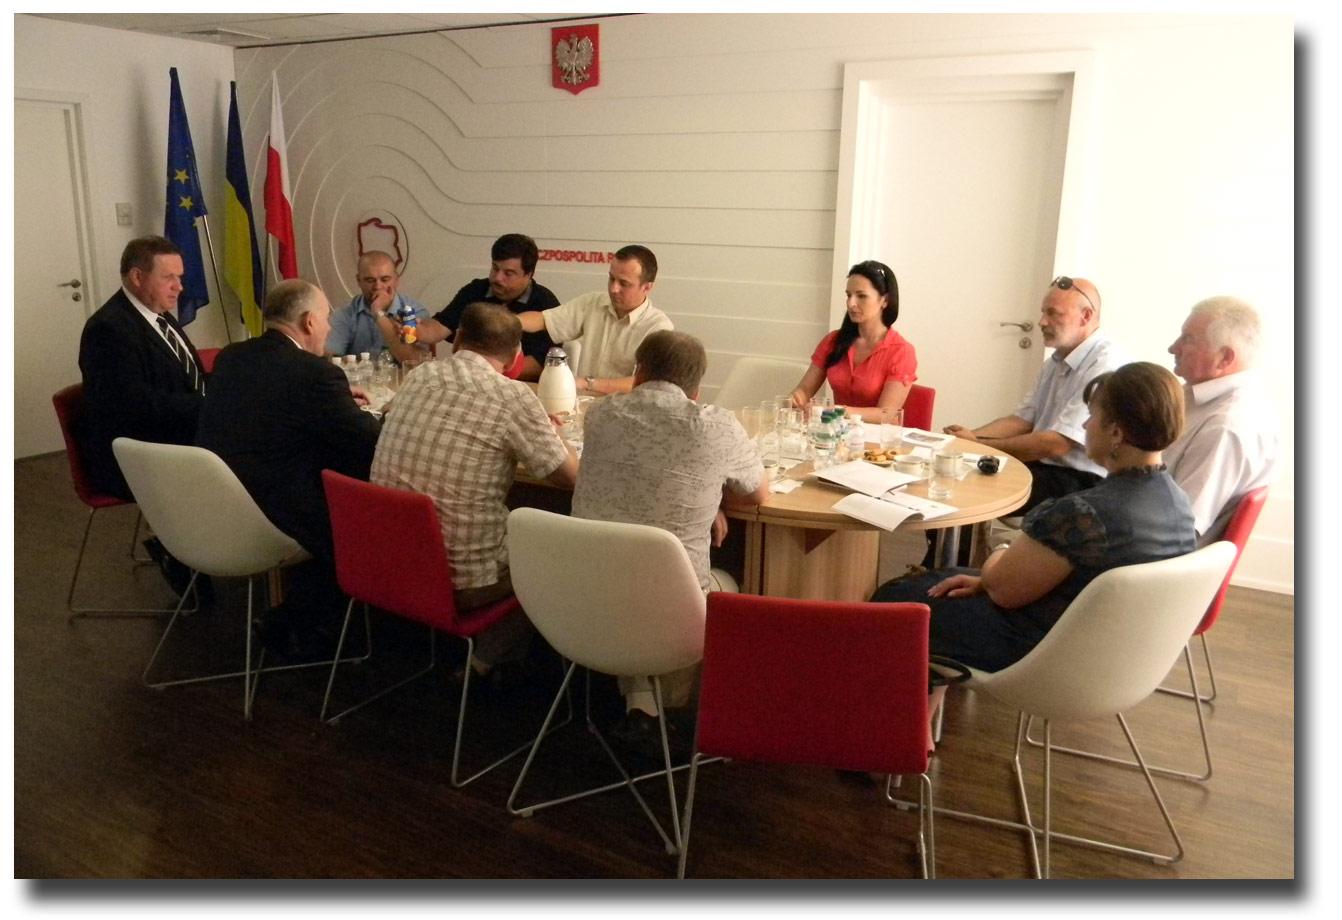 Spotkanie merytoryczne w konsulacie. Zdjęcie pobrano z www.winnica.msz.gov.pl